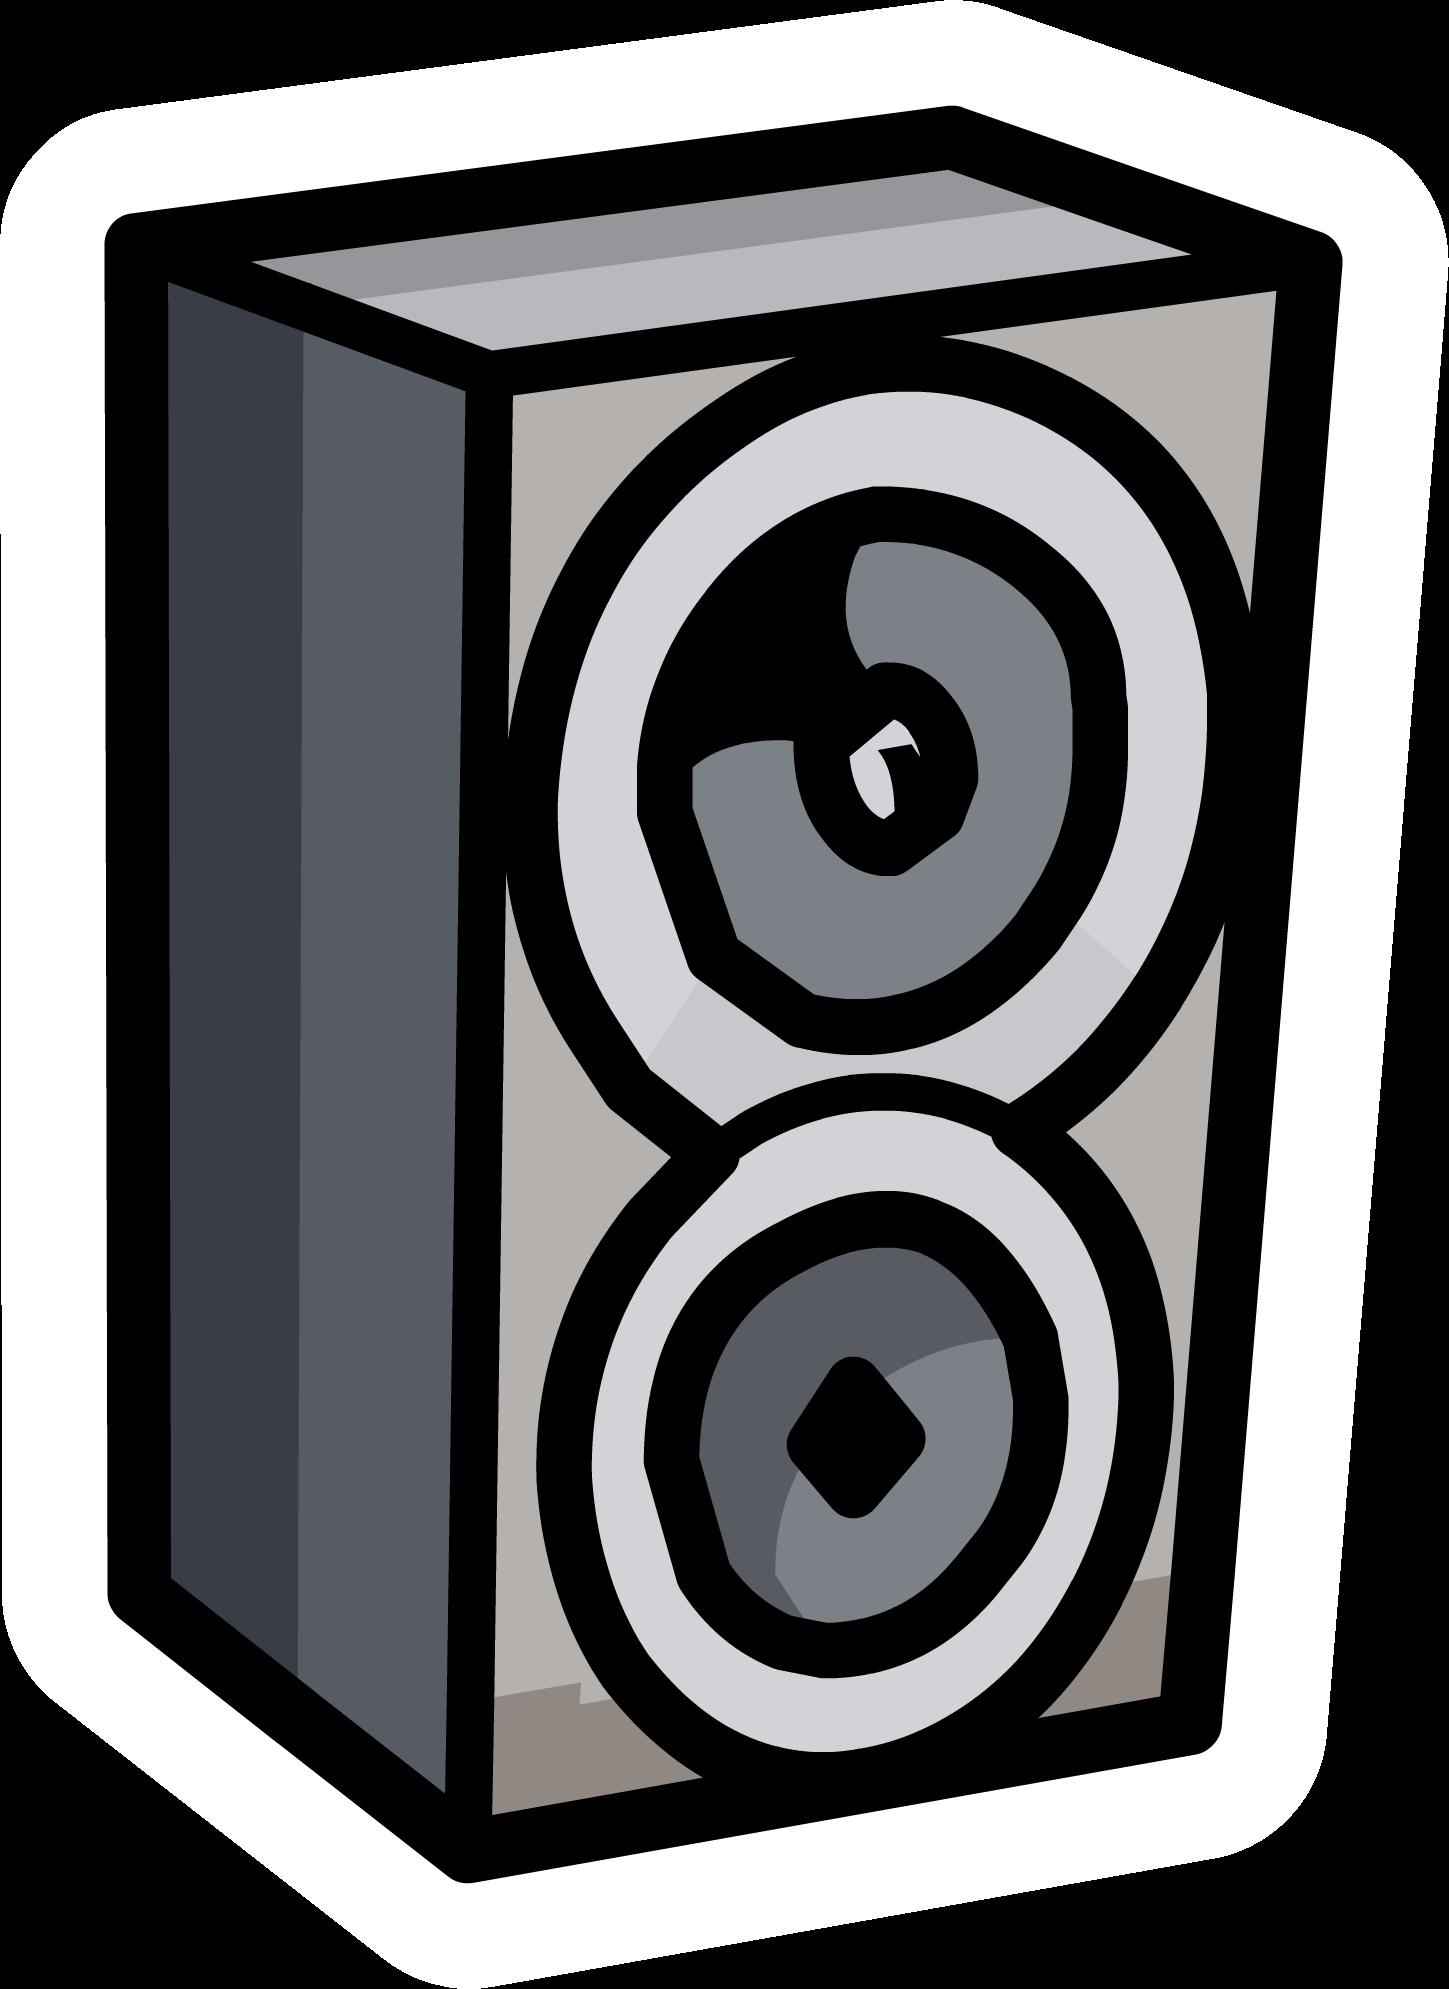 Speakers clipart party speaker, Speakers party speaker